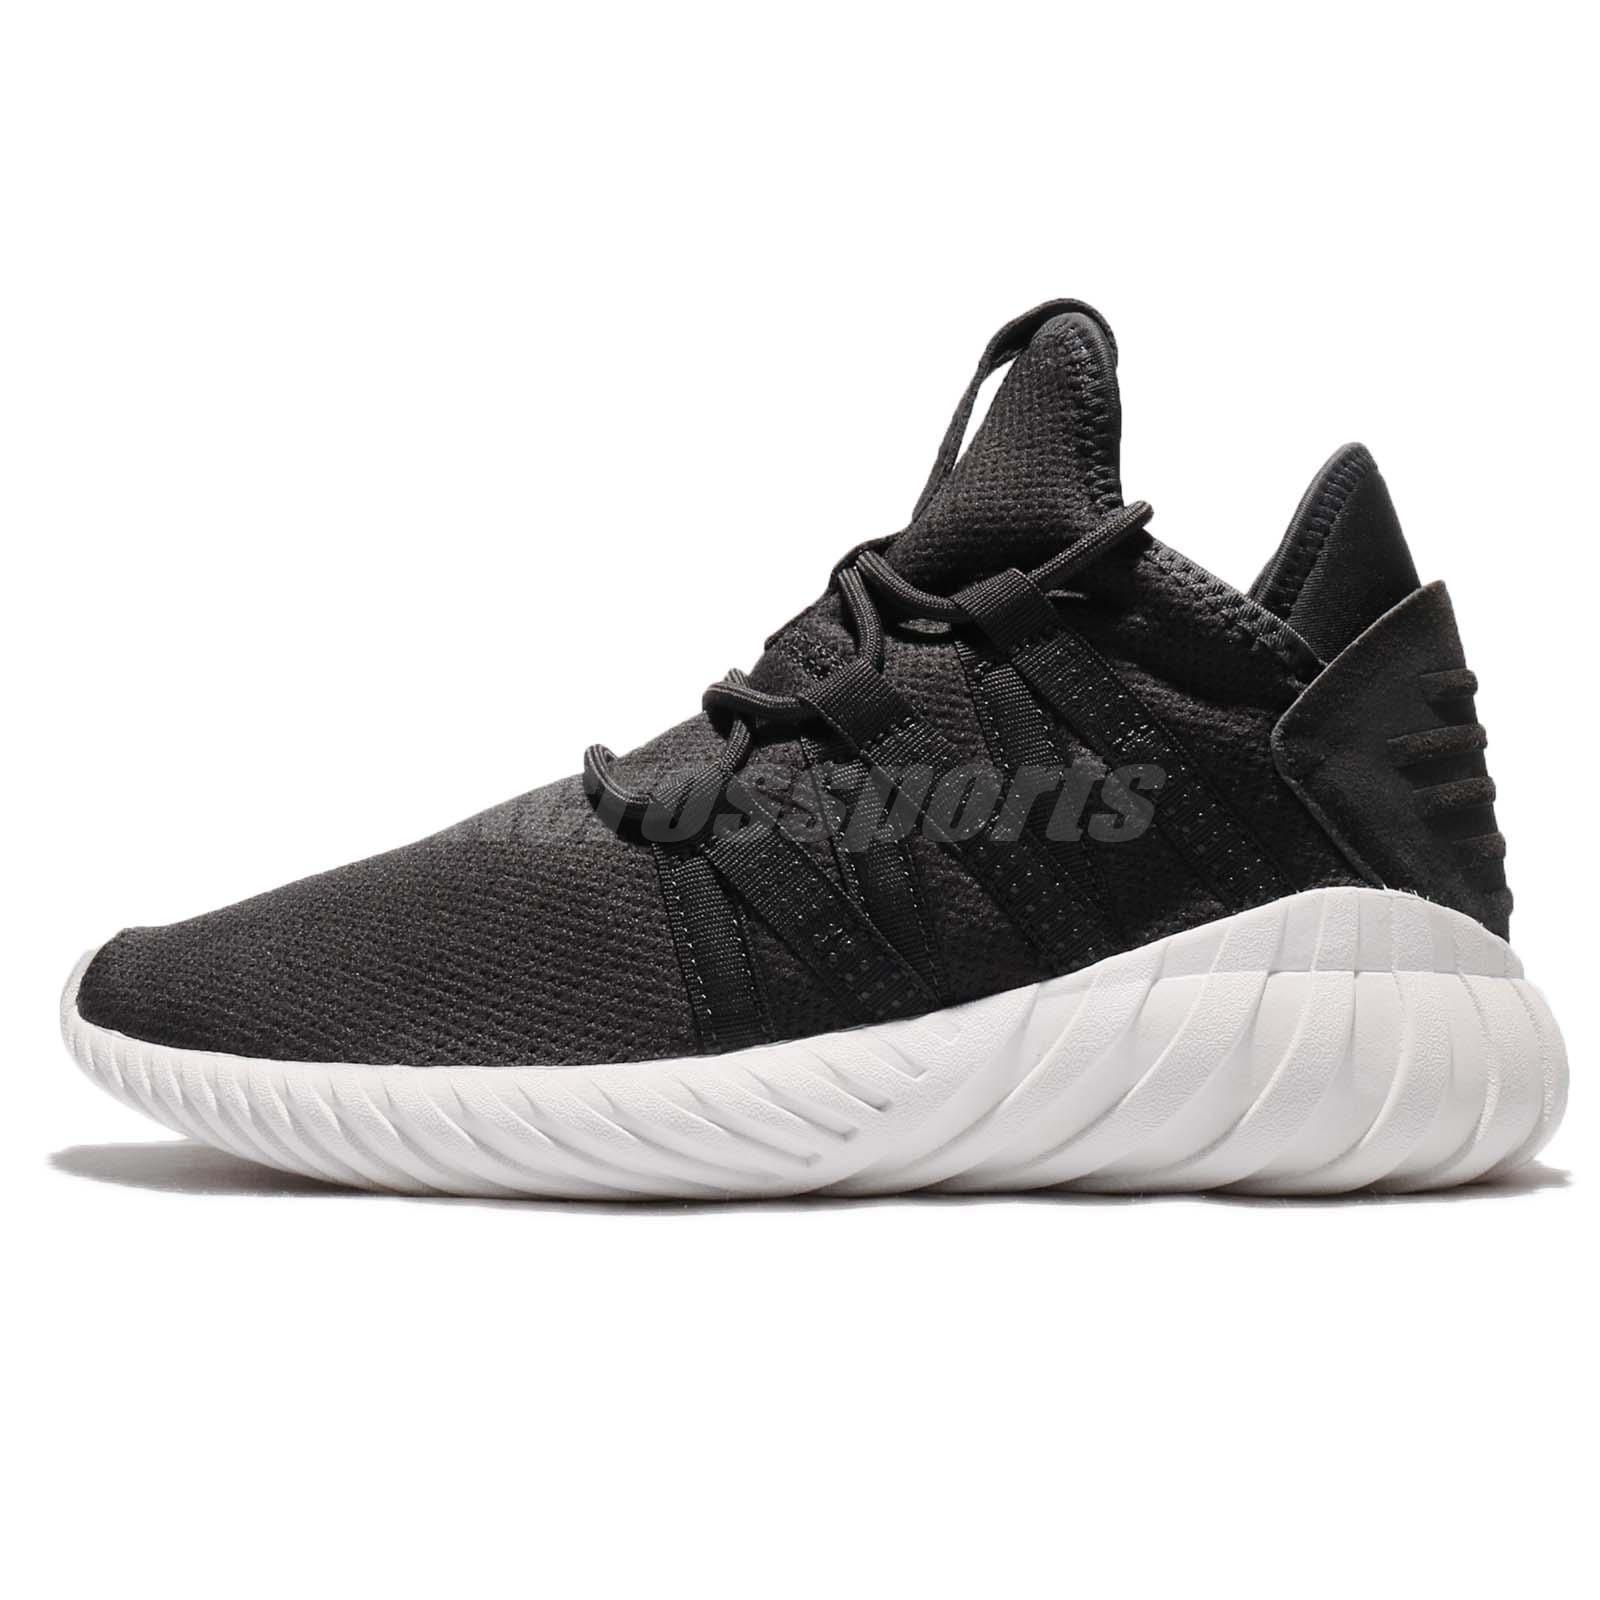 Cheap Adidas Originals Tubular Defiant W BB5122 Core Black